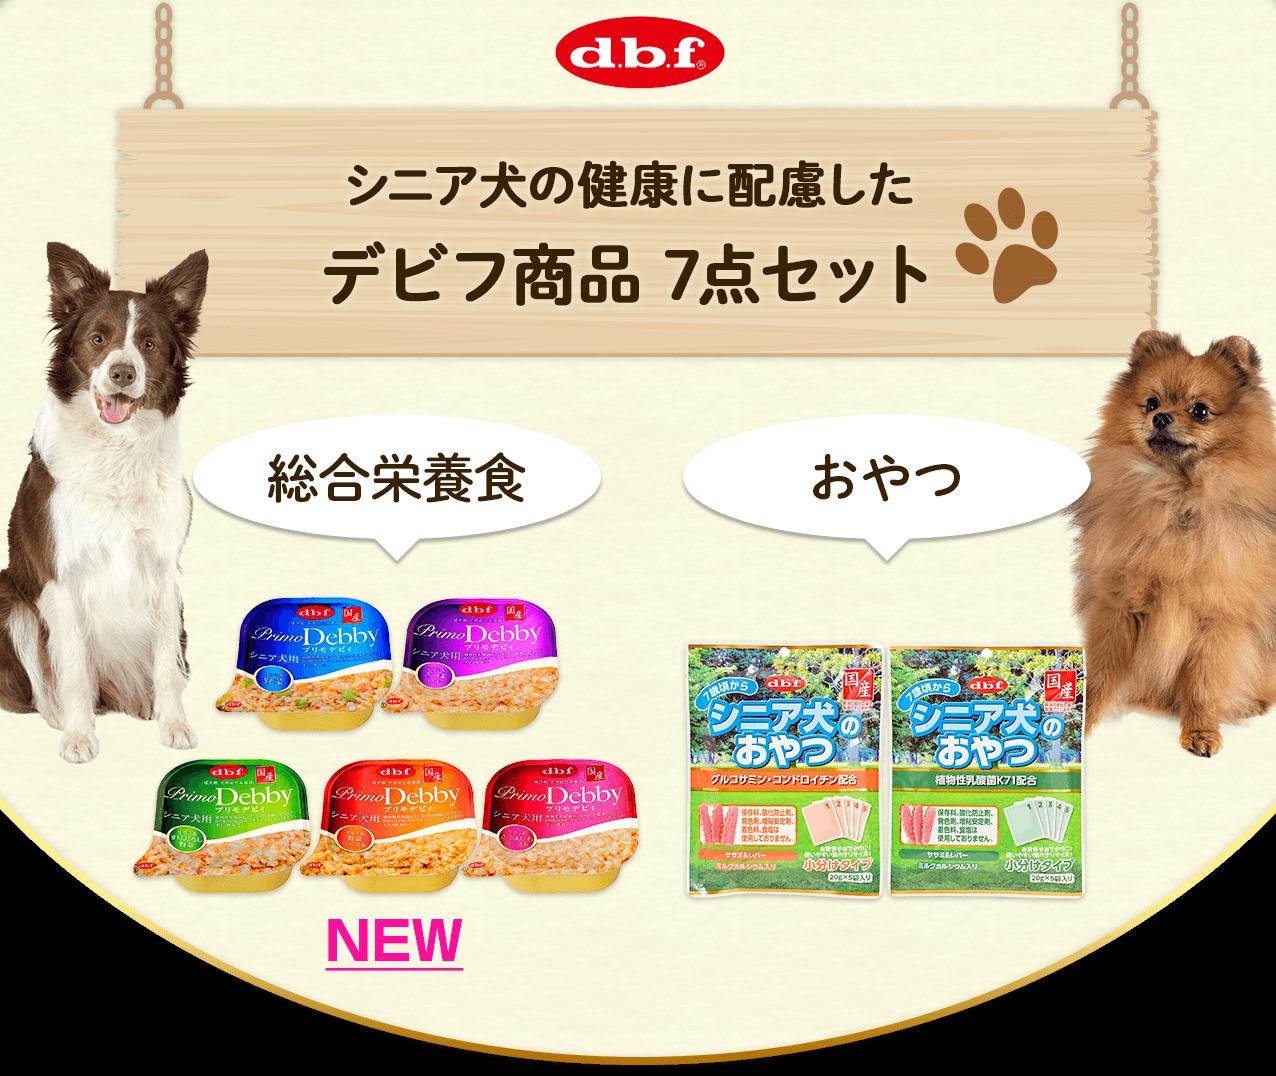 シニア犬の健康に配慮した デビフ商品 7点セット